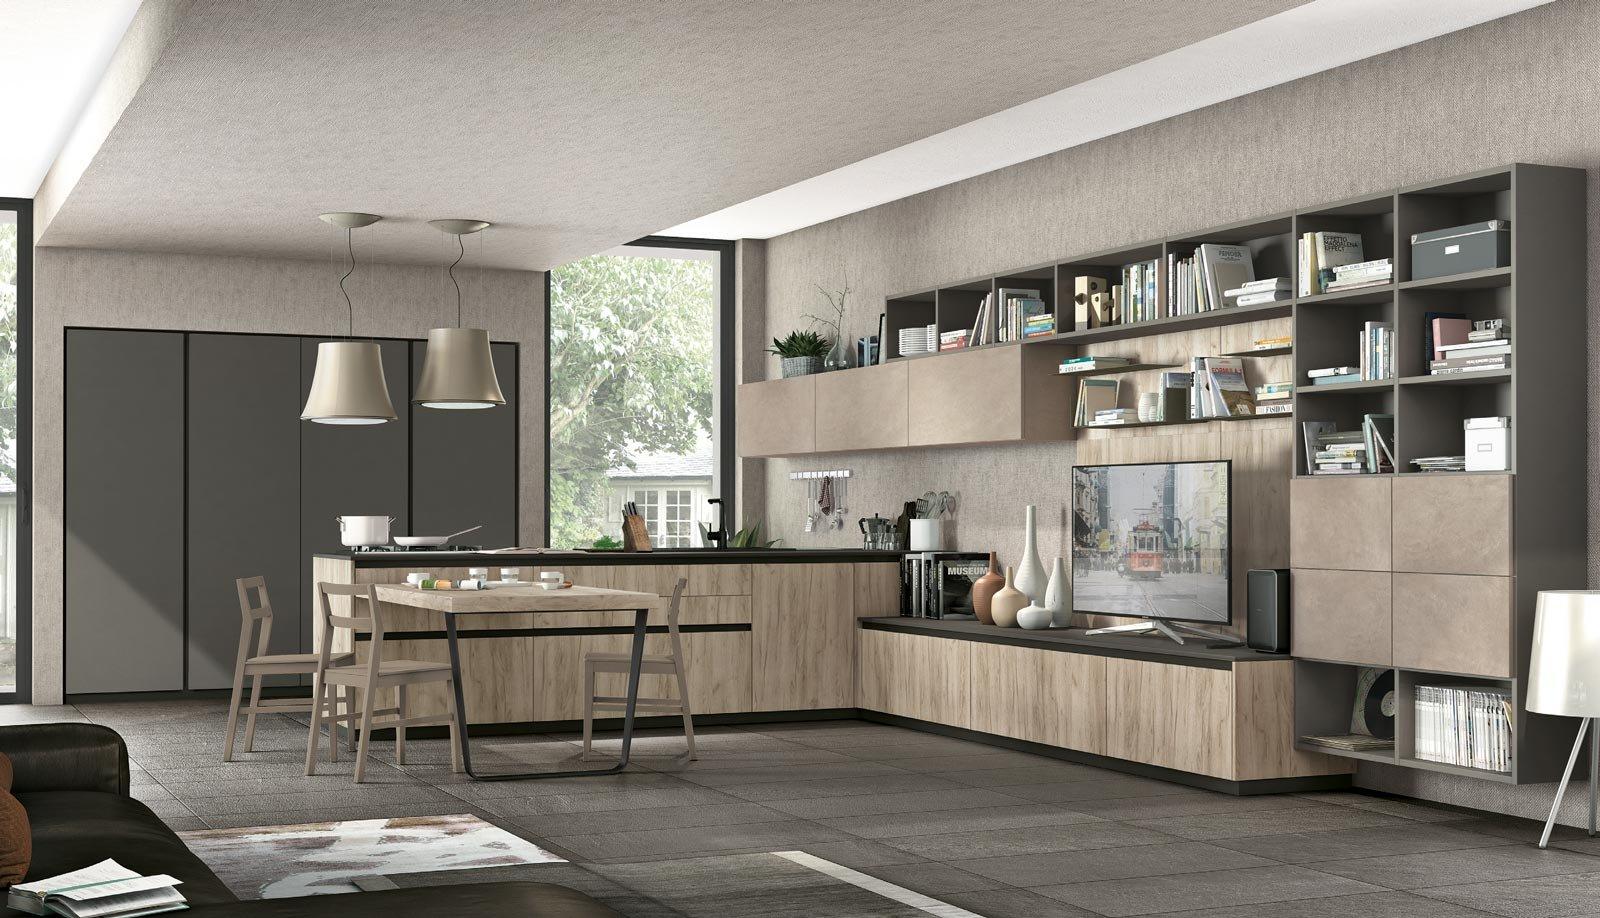 Eurocucina 2016 superfici soft touch per le nuove cucine for Amoblamientos de oficina